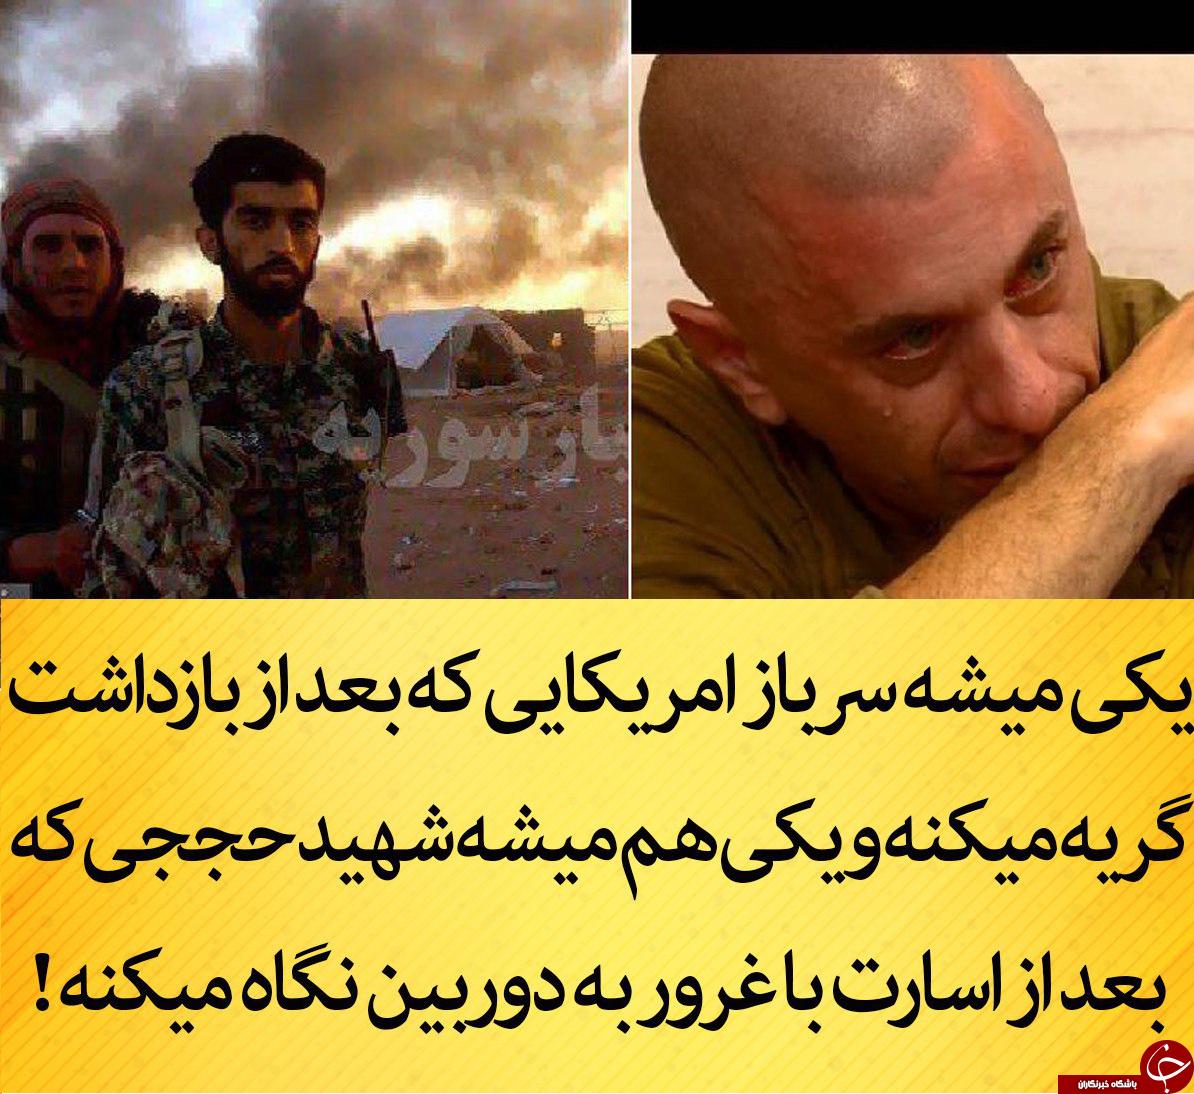 شهید مدافع حرم و سرباز آمریکایی در یک قاب